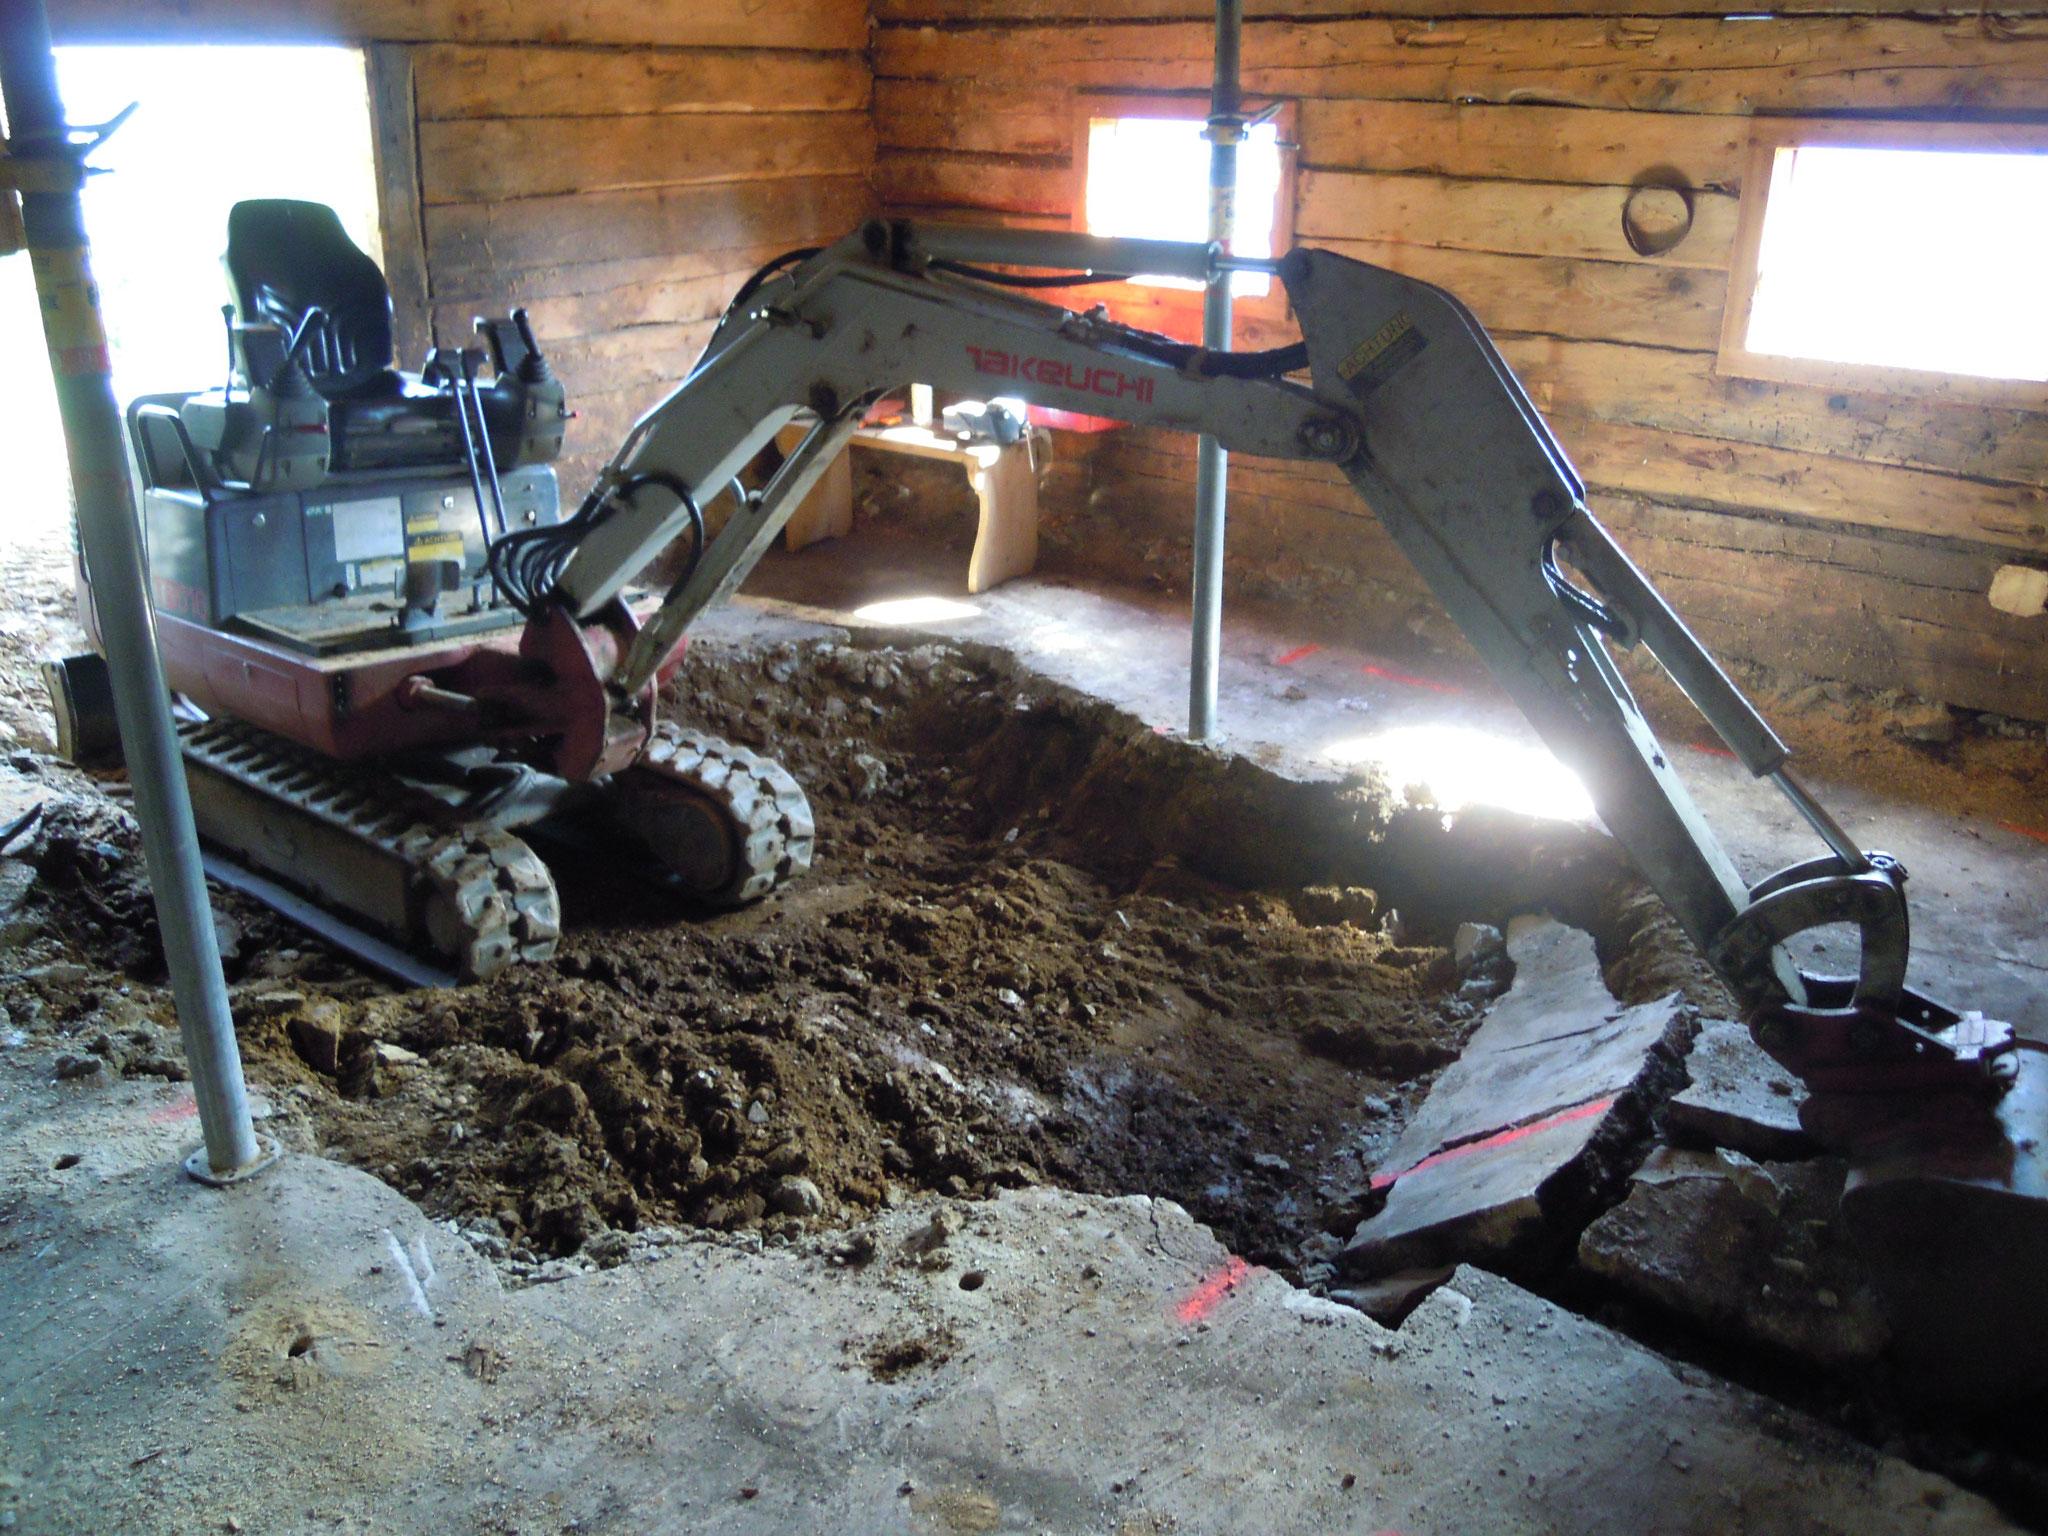 Abbruch von Unterbeton auf engsten Raum mit Hilfe eines Minibaggers.